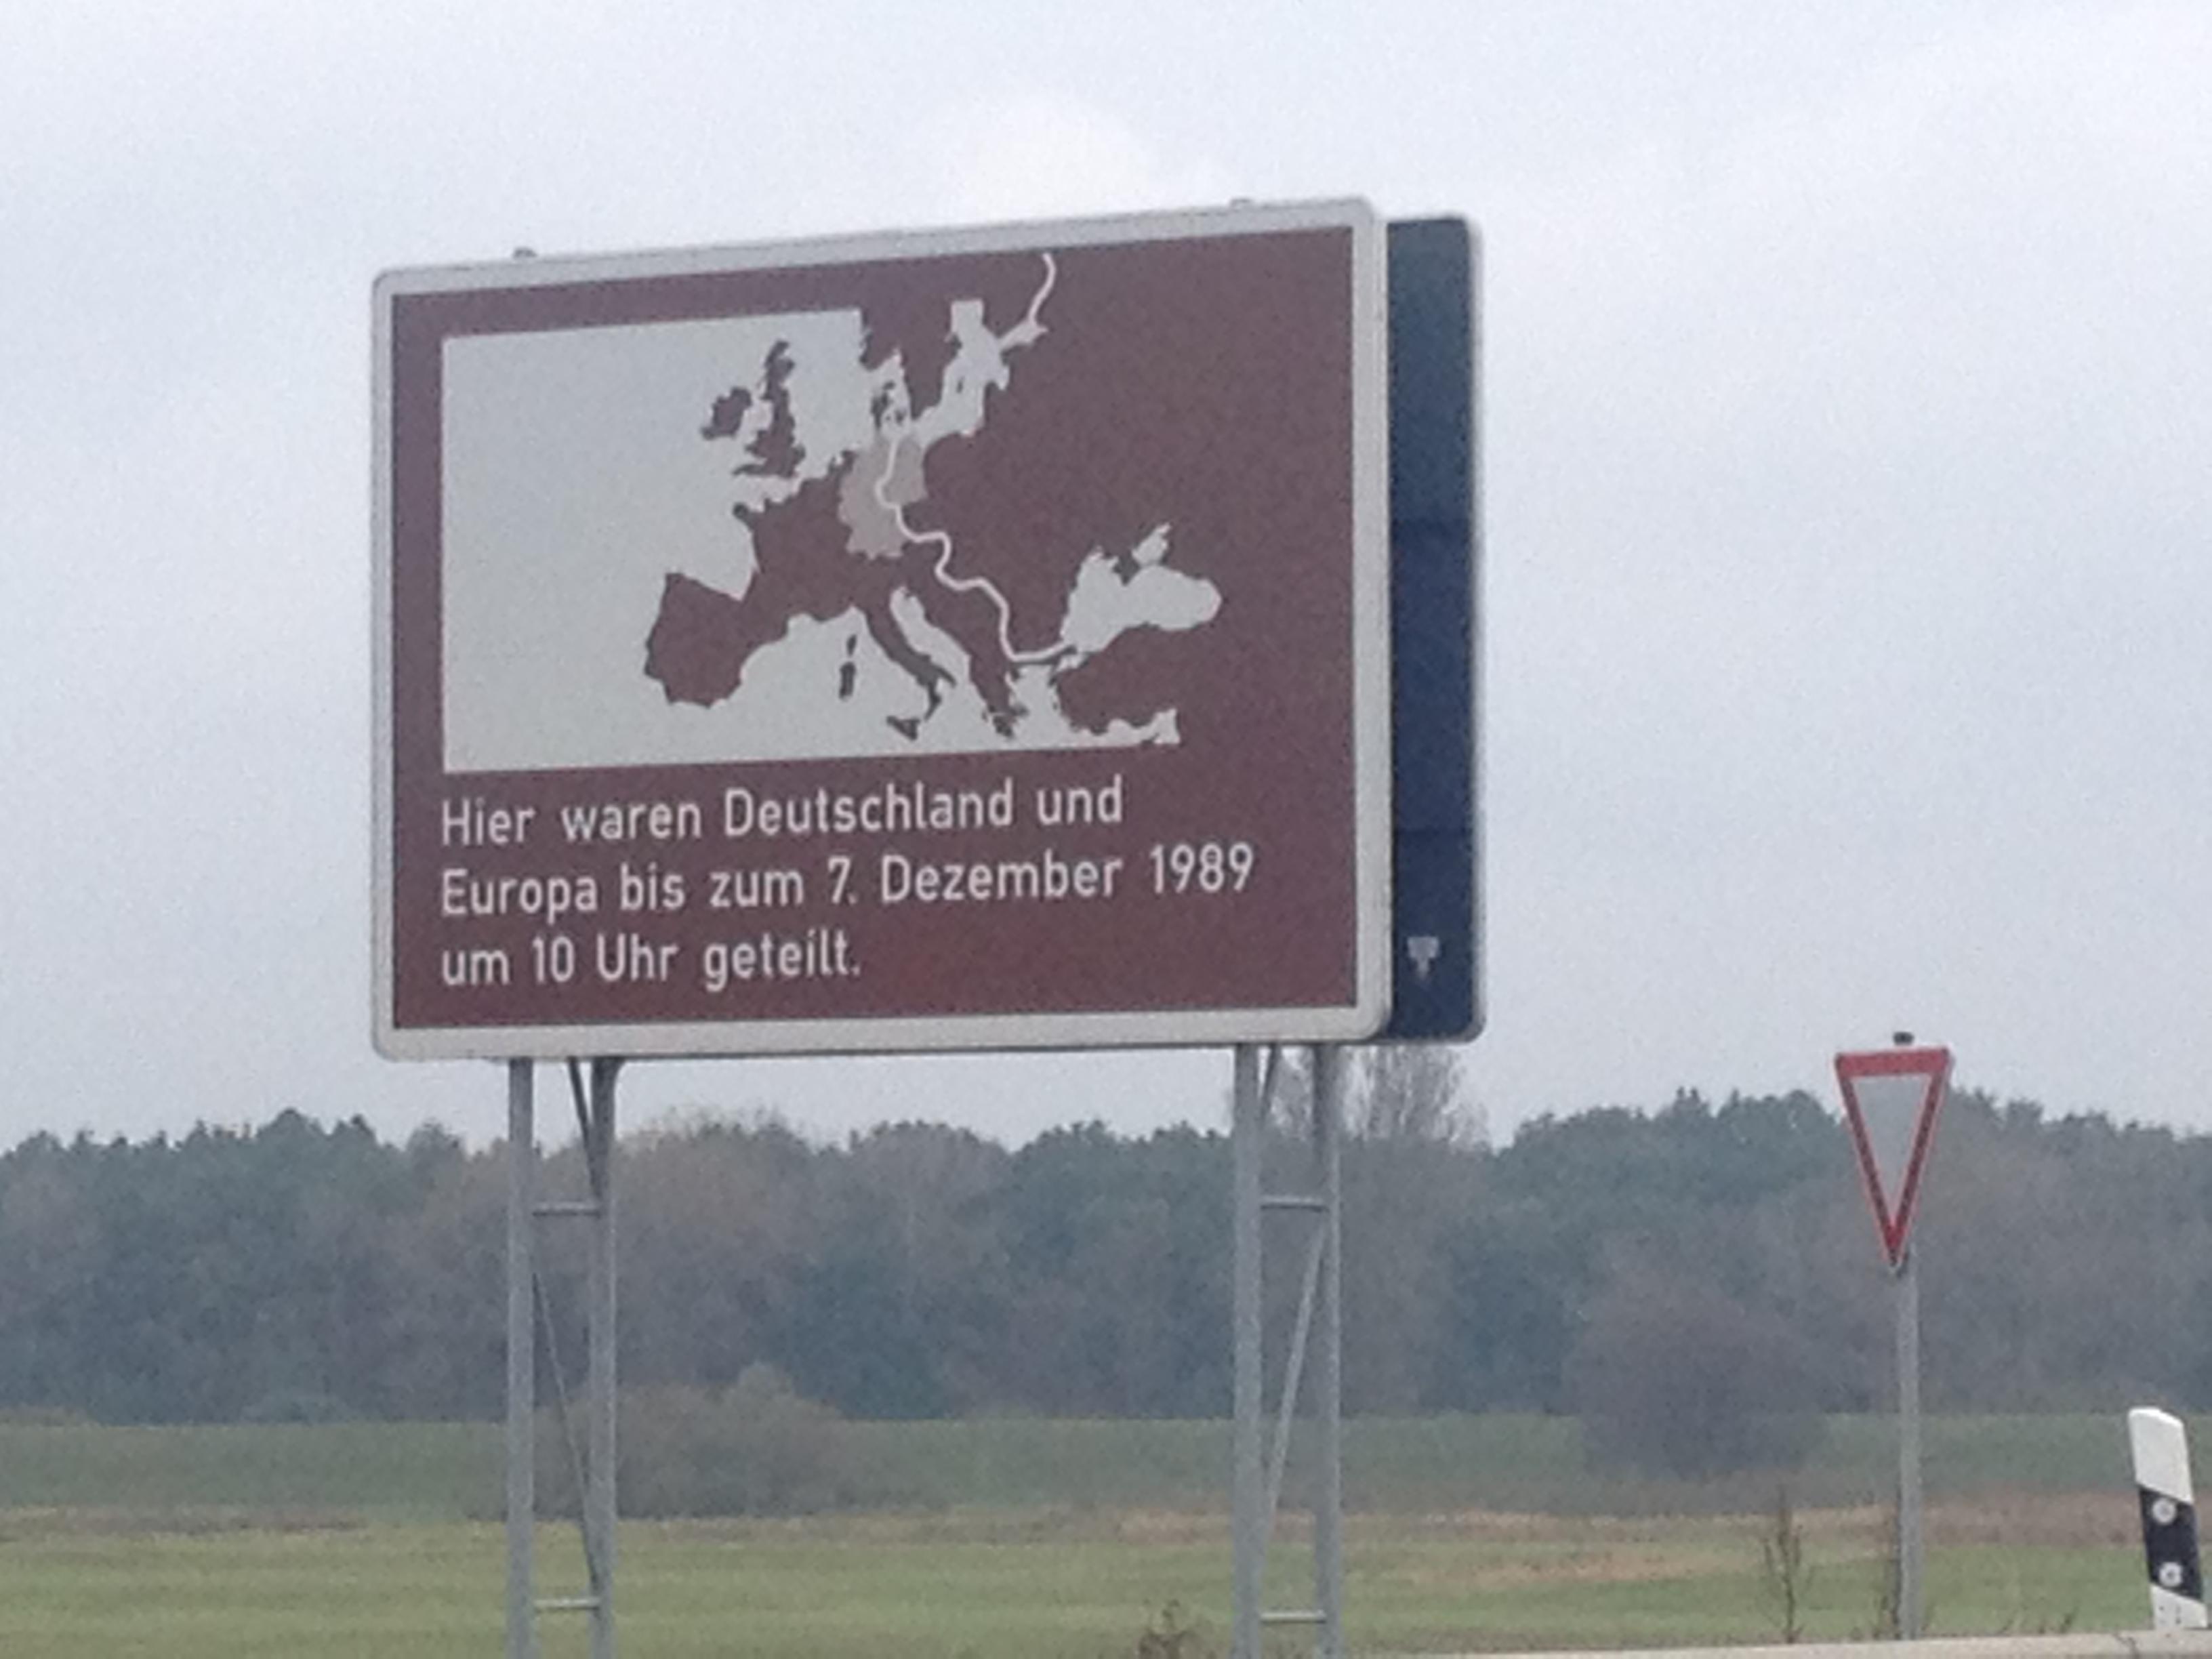 Hier ist die deutsch-deutsche Geschichte noch sichtbar